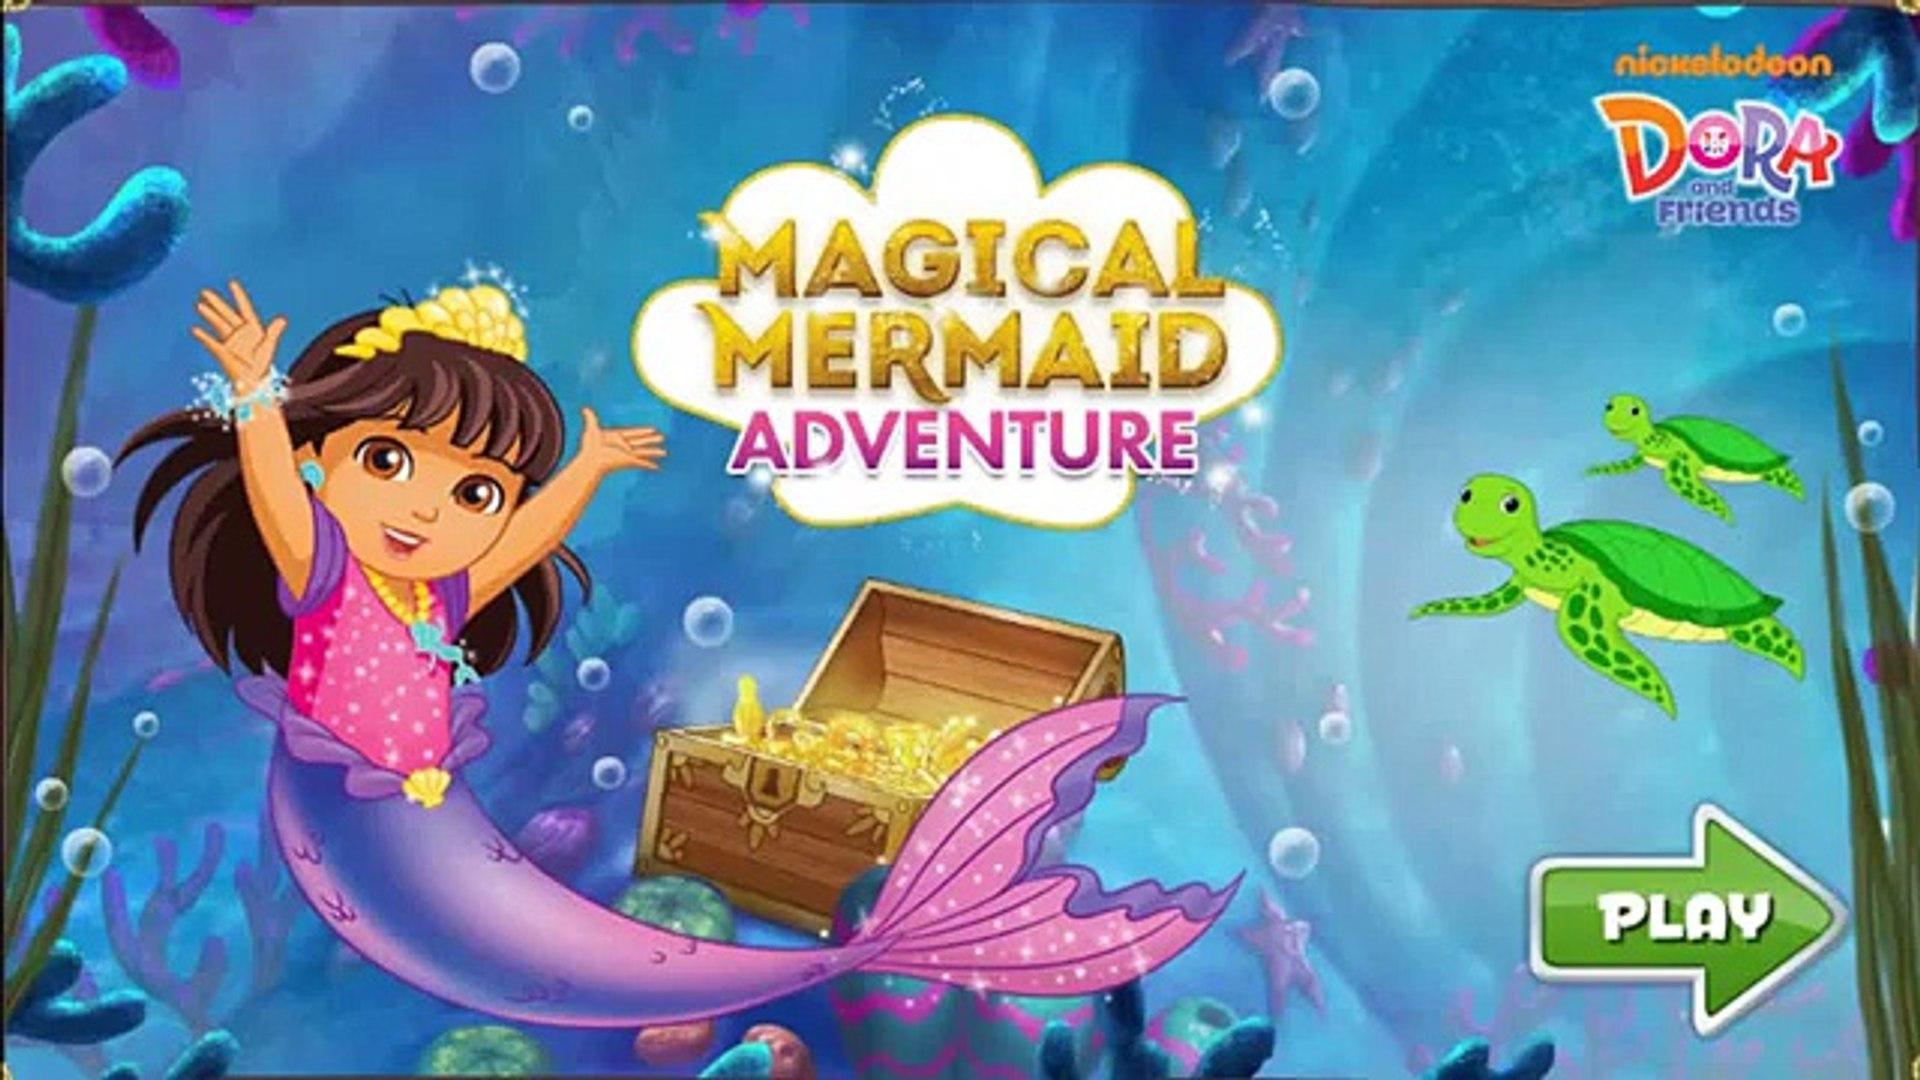 Dora La Exploradora Dora La Mágica Aventura De Sirena De La Película Juego De Dora Y A Sus Amigos Dora